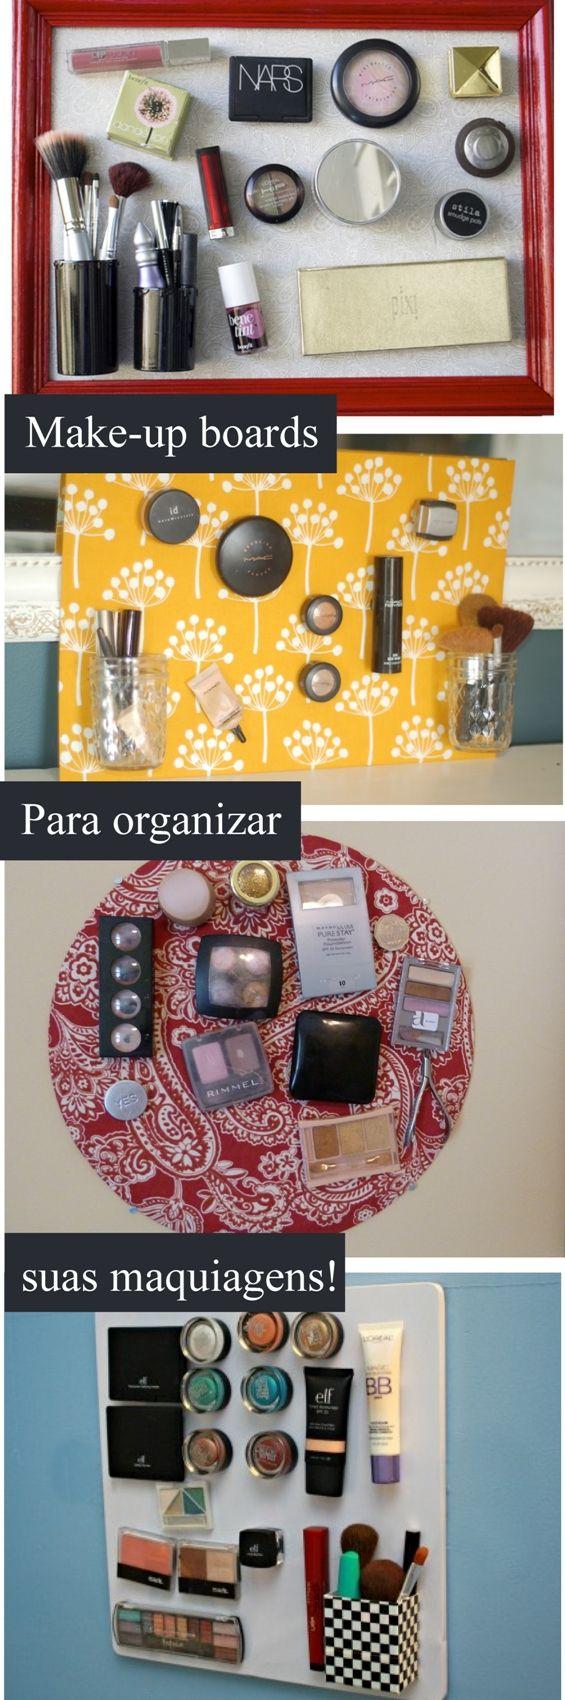 Quadros magnéticos para organizar as maquiagens